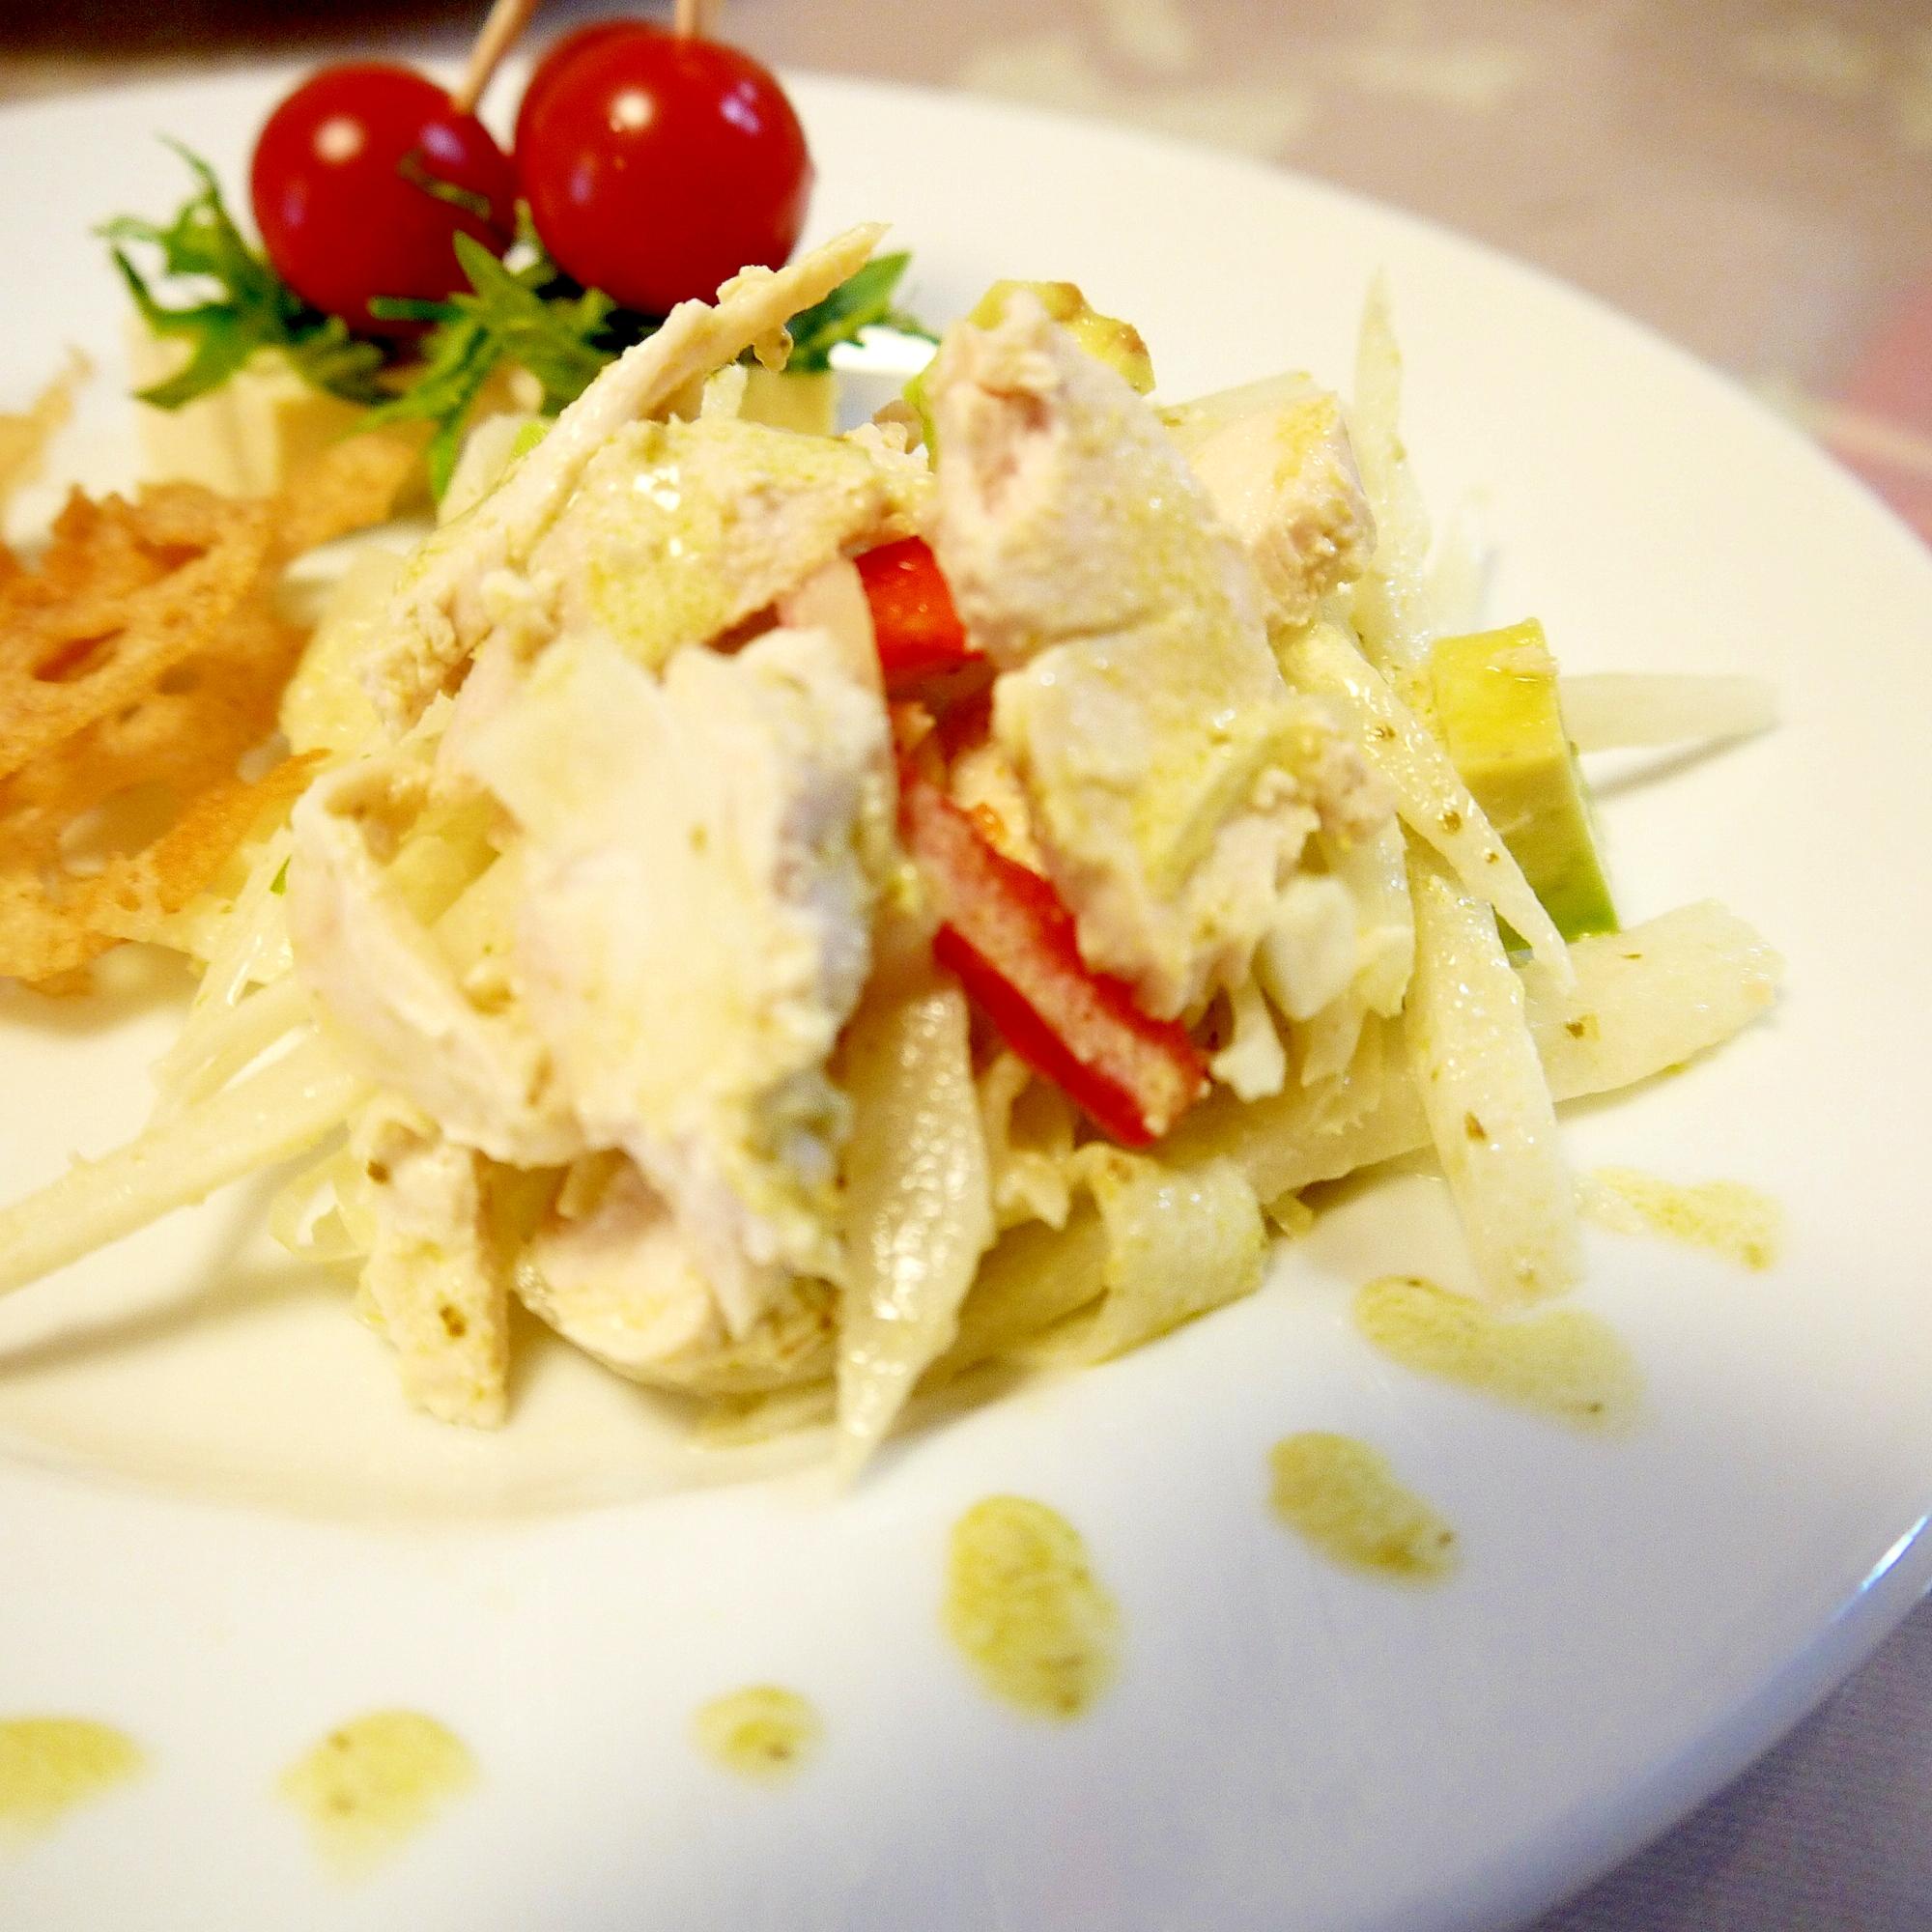 炊飯器で蒸し鶏のバジルサラダ